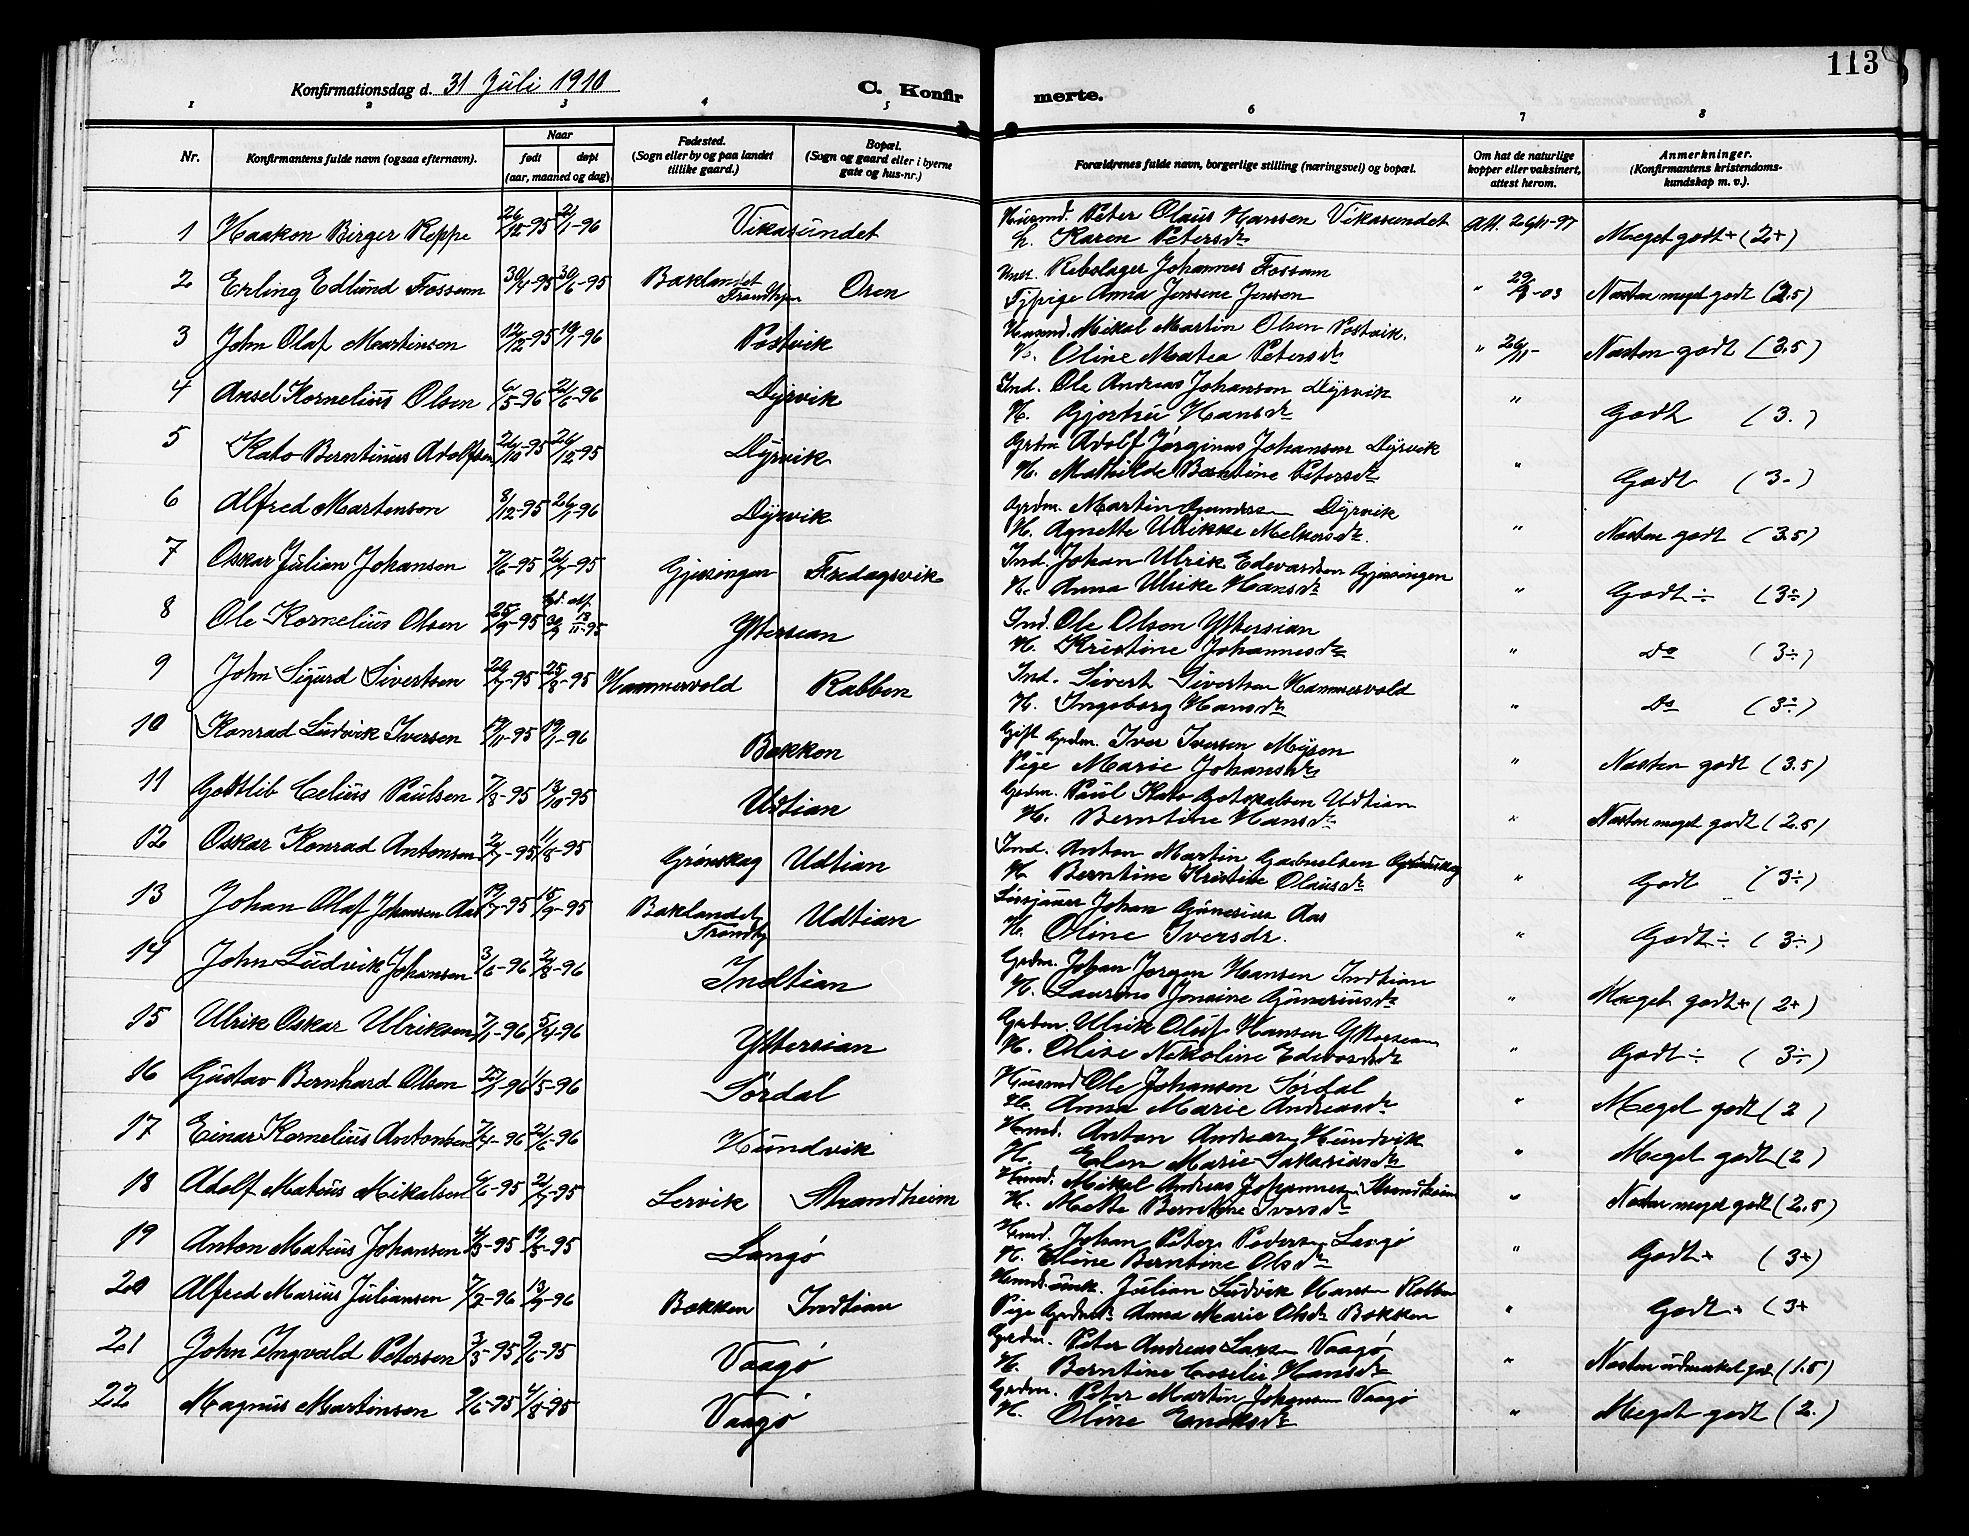 SAT, Ministerialprotokoller, klokkerbøker og fødselsregistre - Sør-Trøndelag, 640/L0588: Klokkerbok nr. 640C05, 1909-1922, s. 113